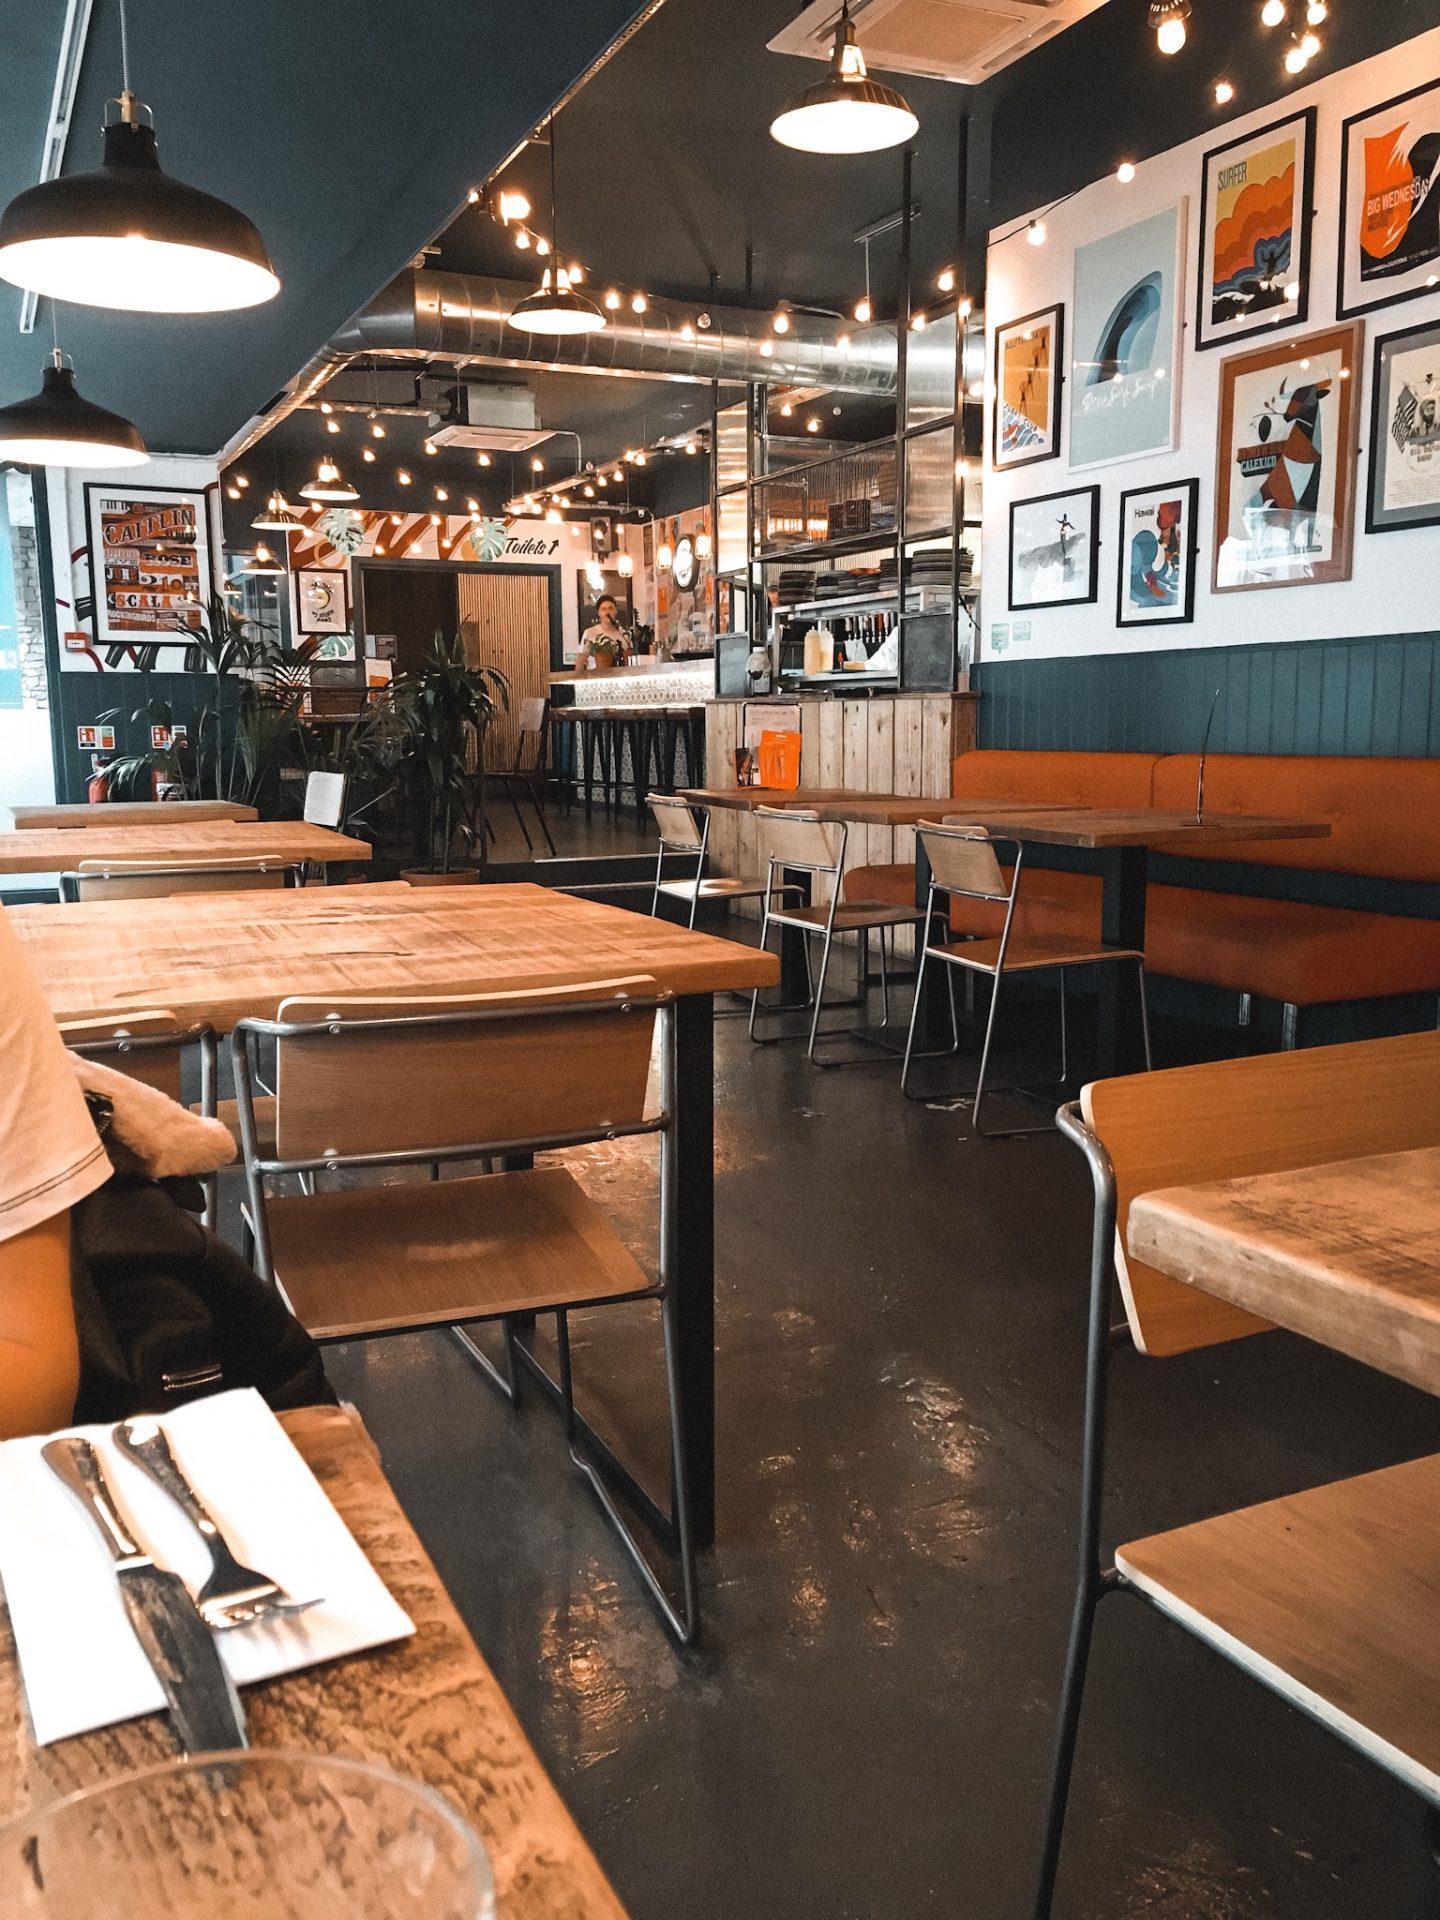 Quay Street Diner, Bristol